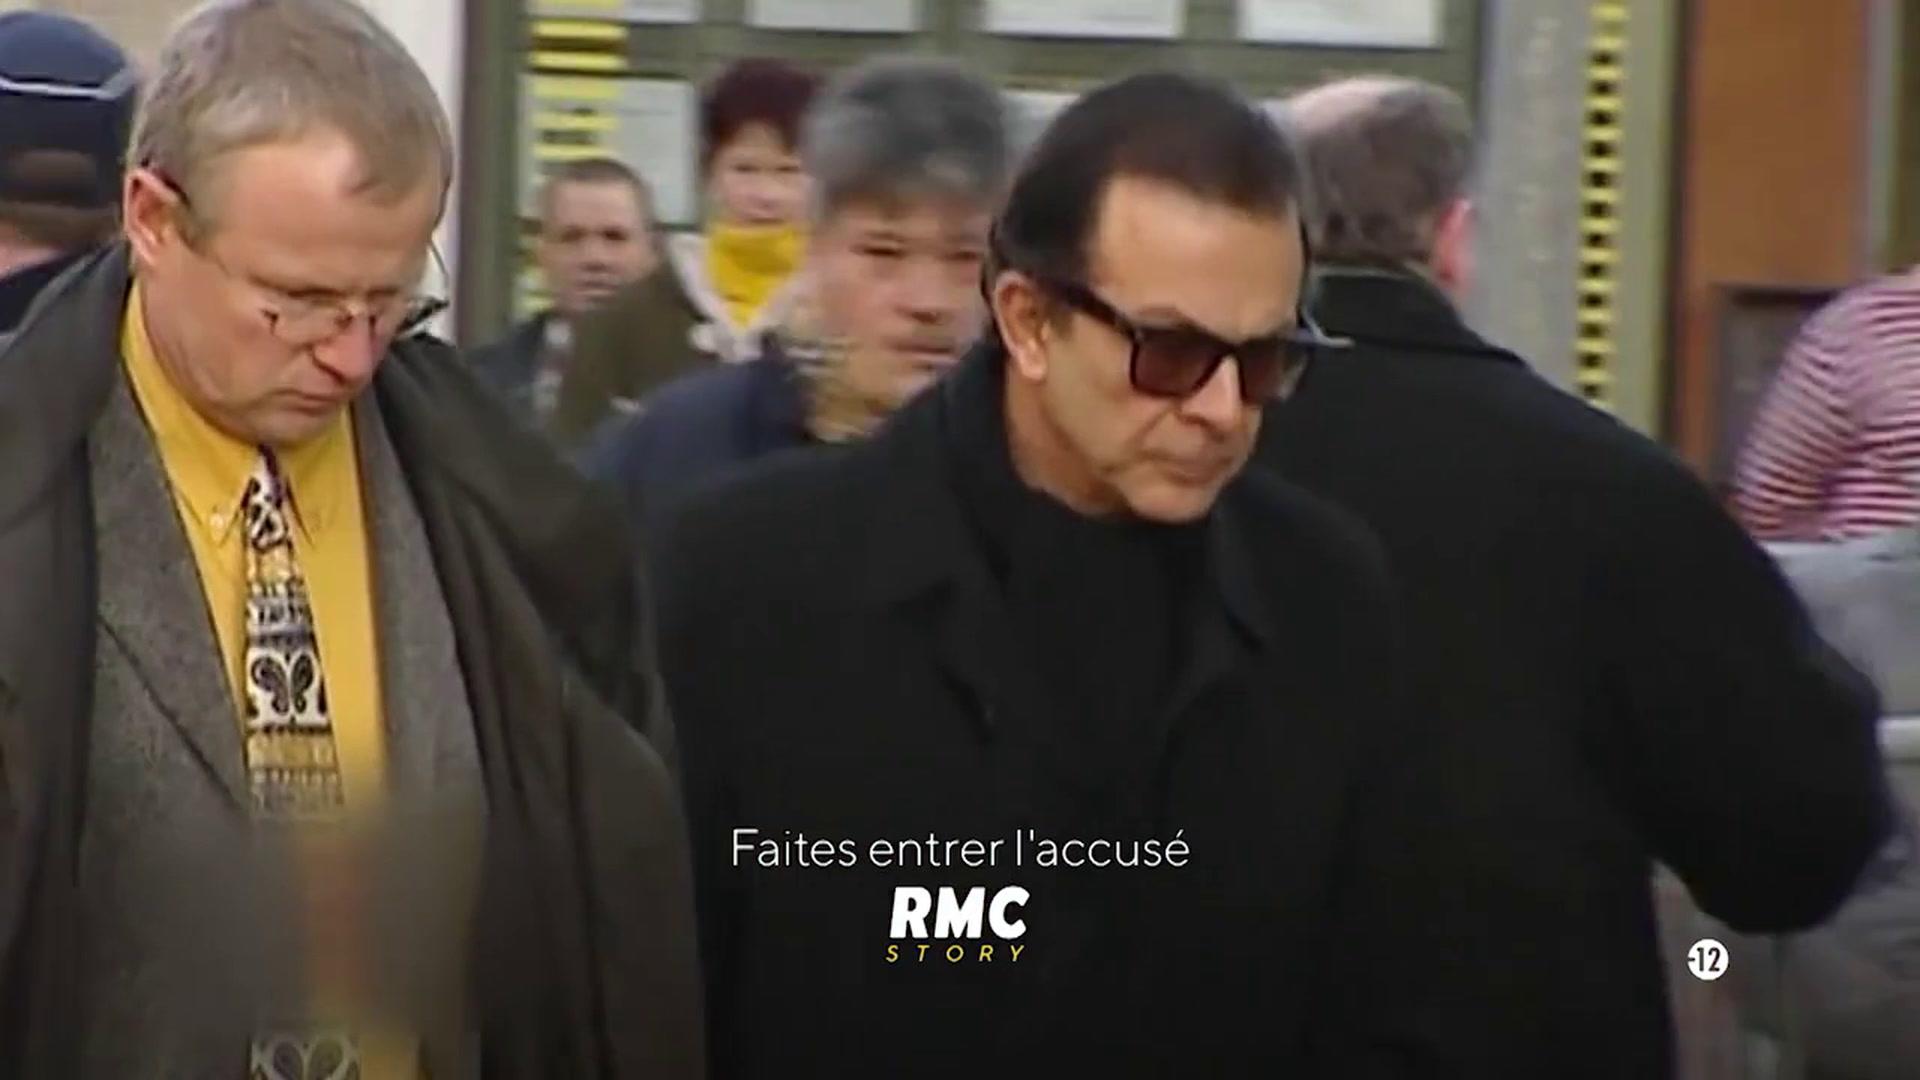 Faites entrer l'accusé : Jean-Pierre Treiber, l'affaire Giraud-Lherbier